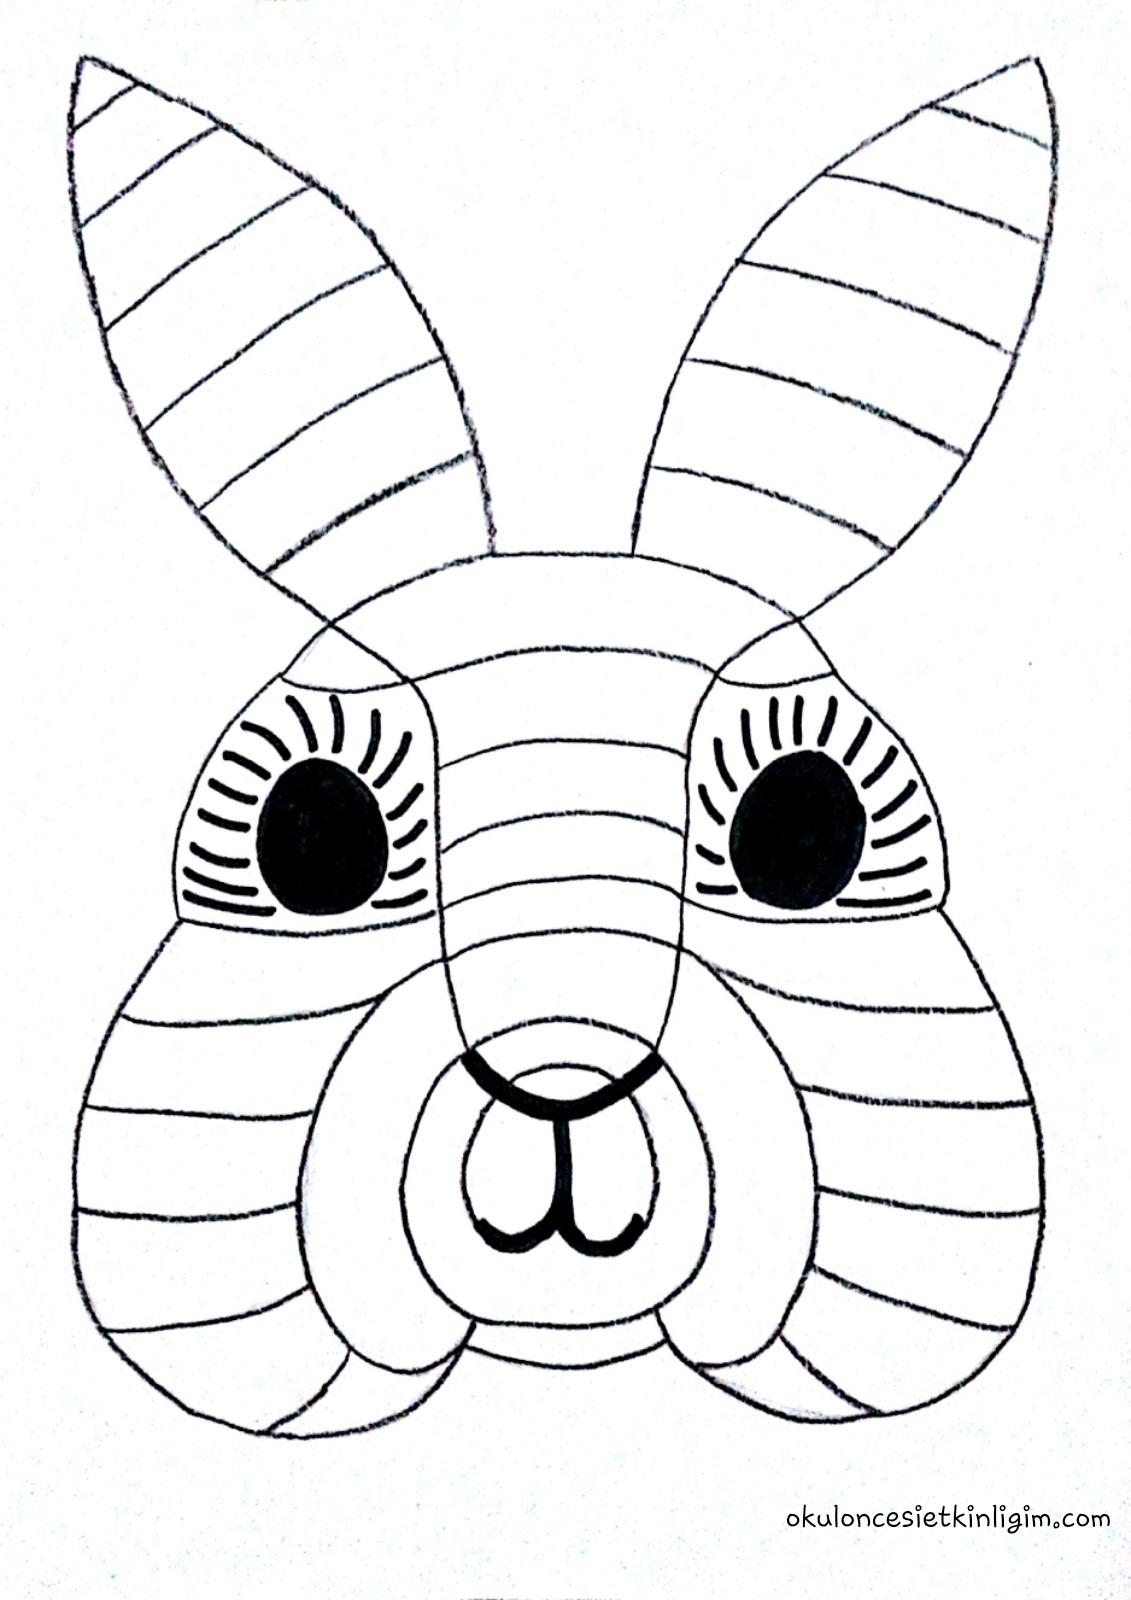 Tavşanlı çizgi çalışması Sanat Etkinliği Okul öncesi Etkinlikleri